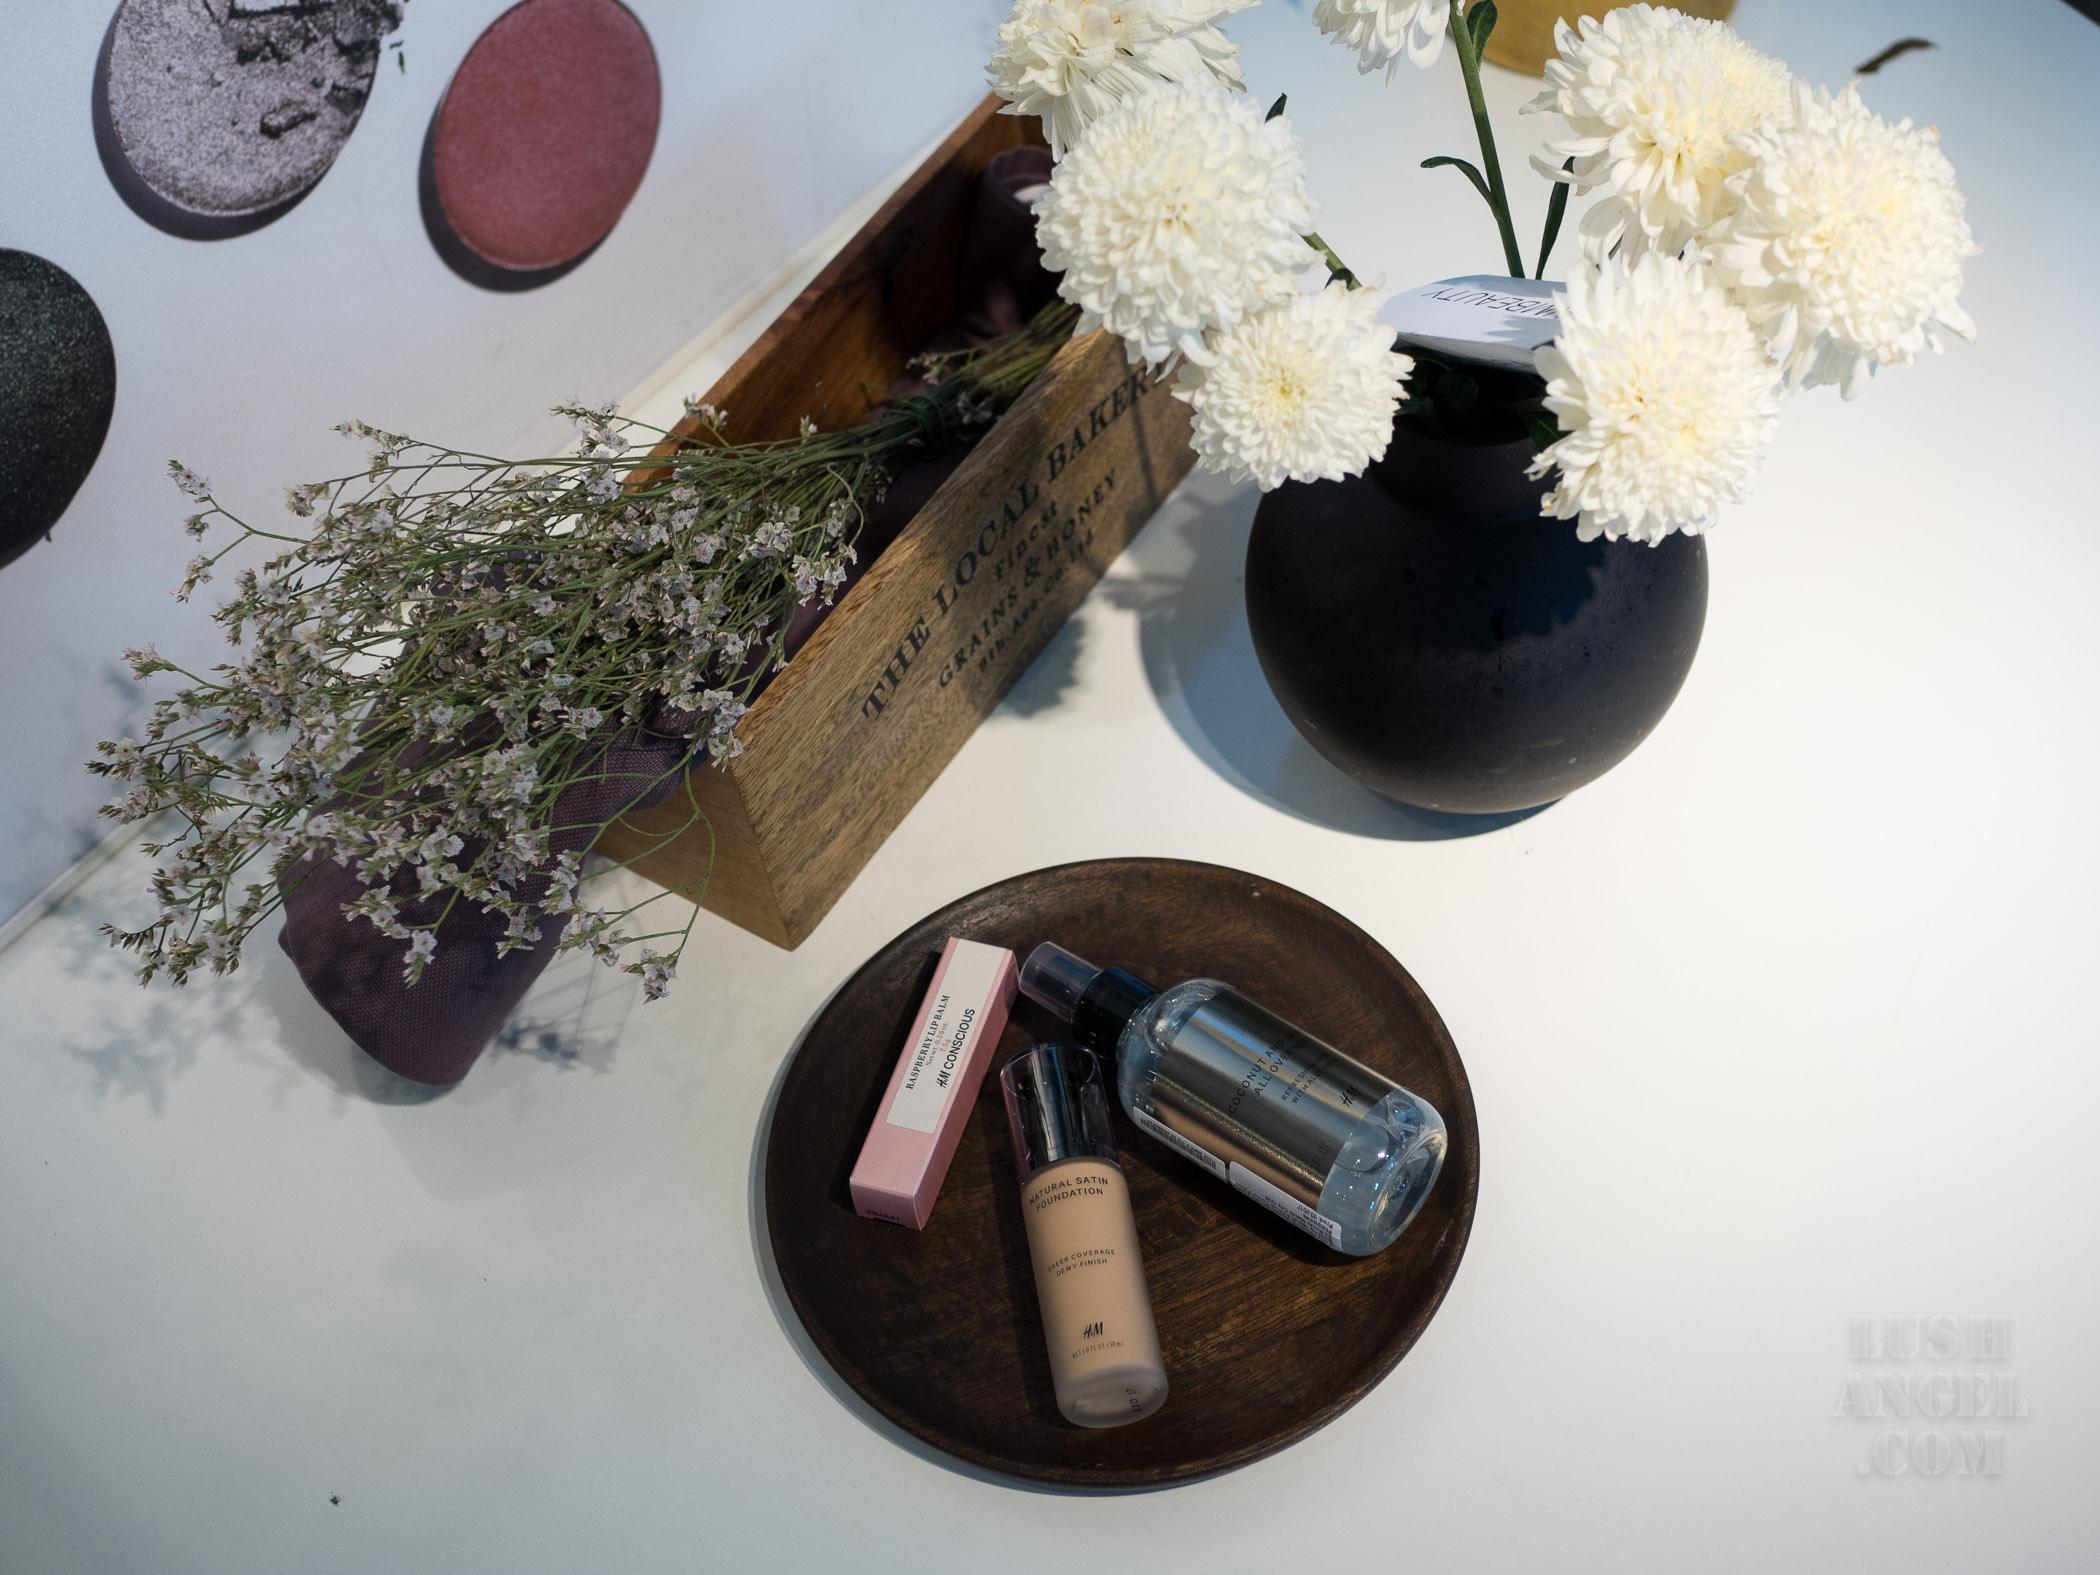 hm-makeup